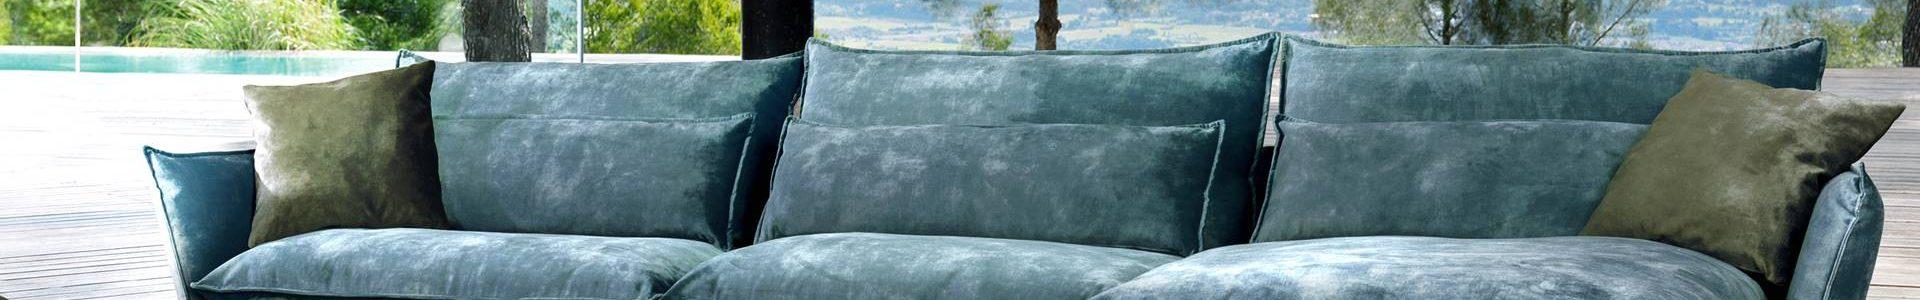 Salon tissu pieds métal chromés, vert, existe en nombreuses configurations et coloris